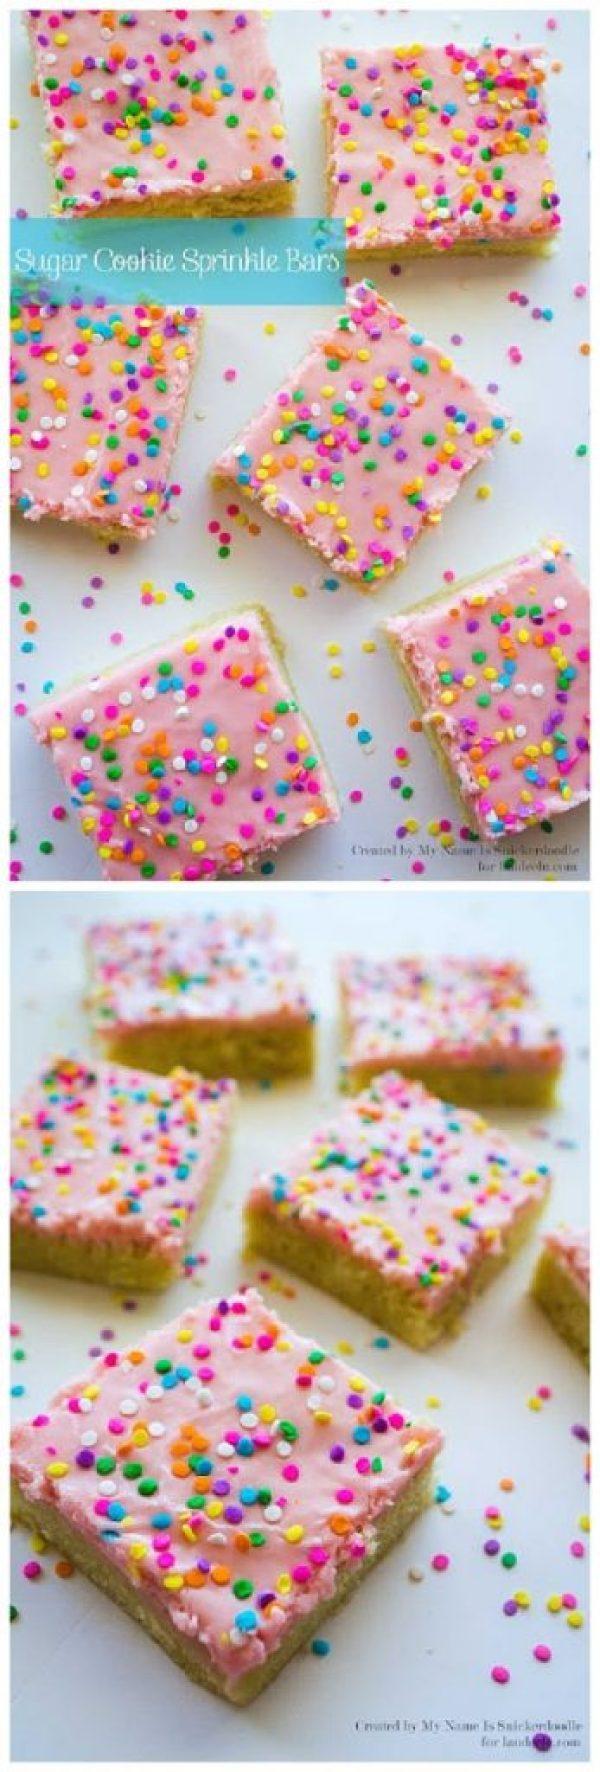 Sugar Cookie Sprinkle Bars Recipe | Landeelu